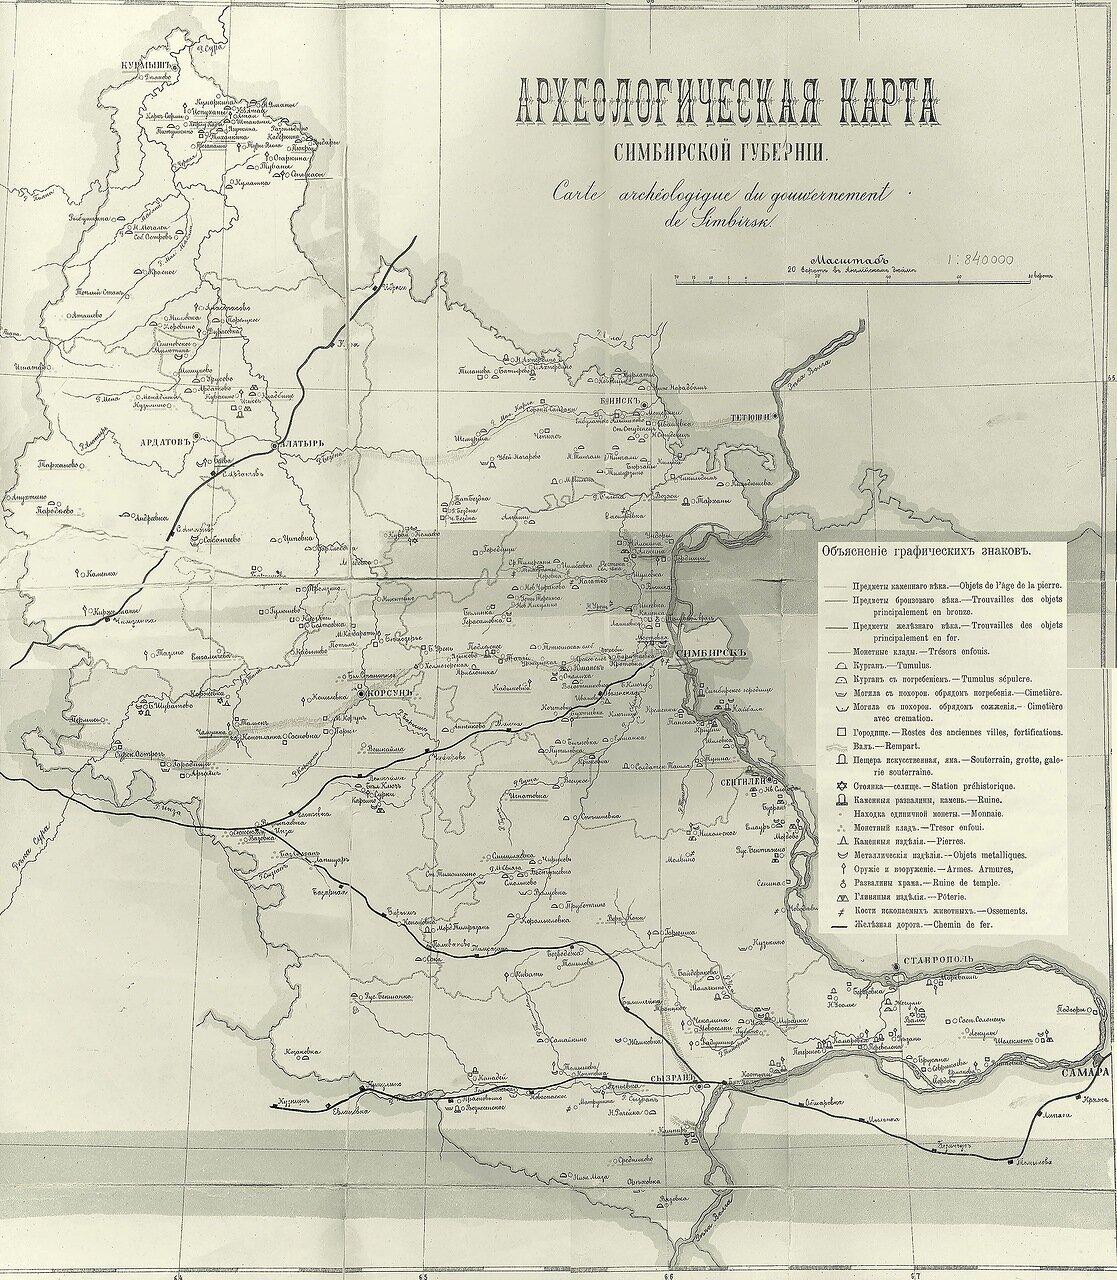 Археологическая карта Симбирской губернии, составленная В. Н. Поливановым в 1900 году